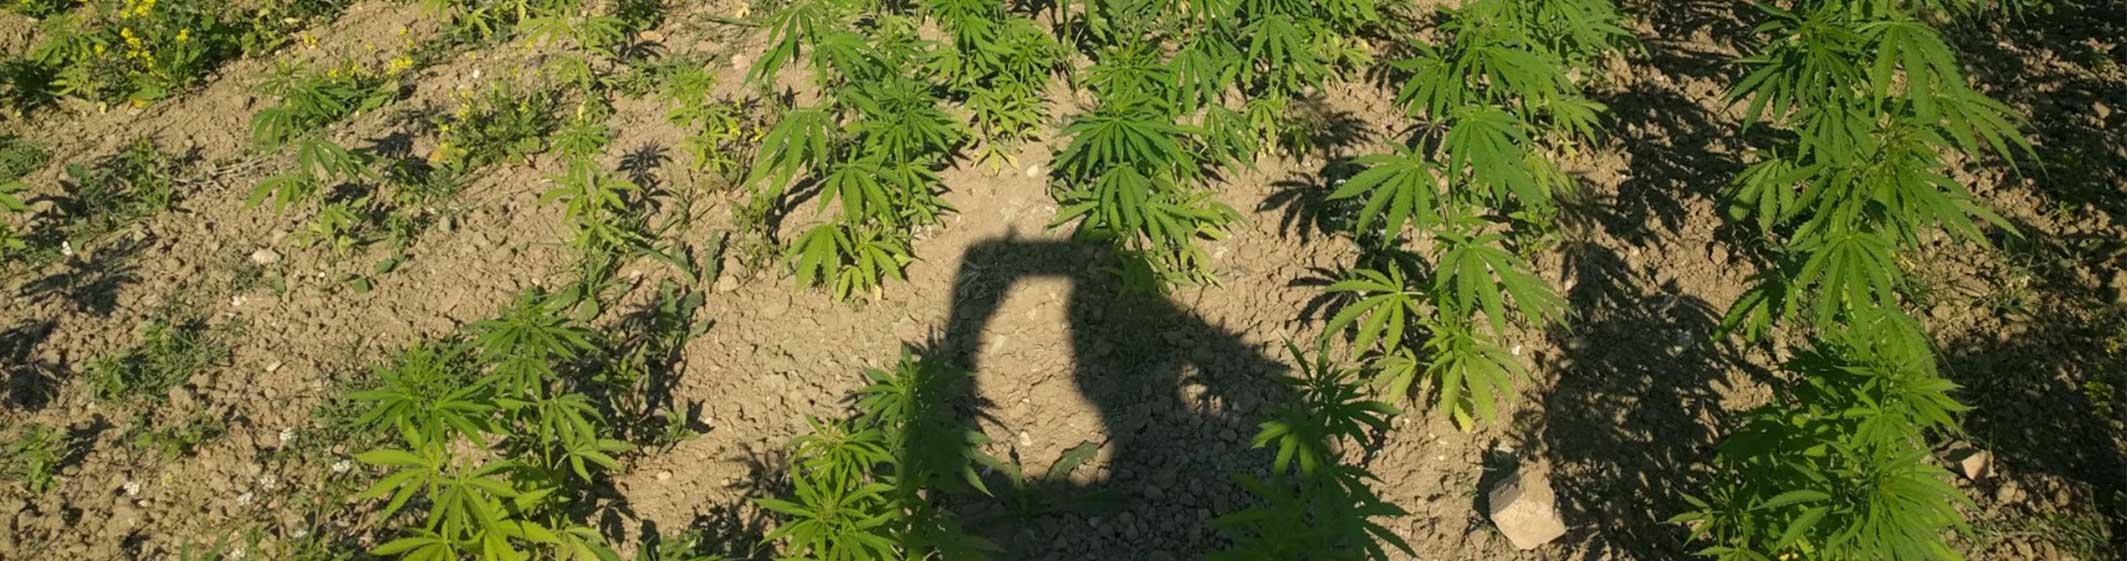 coltivazione outdoor canapa light legale